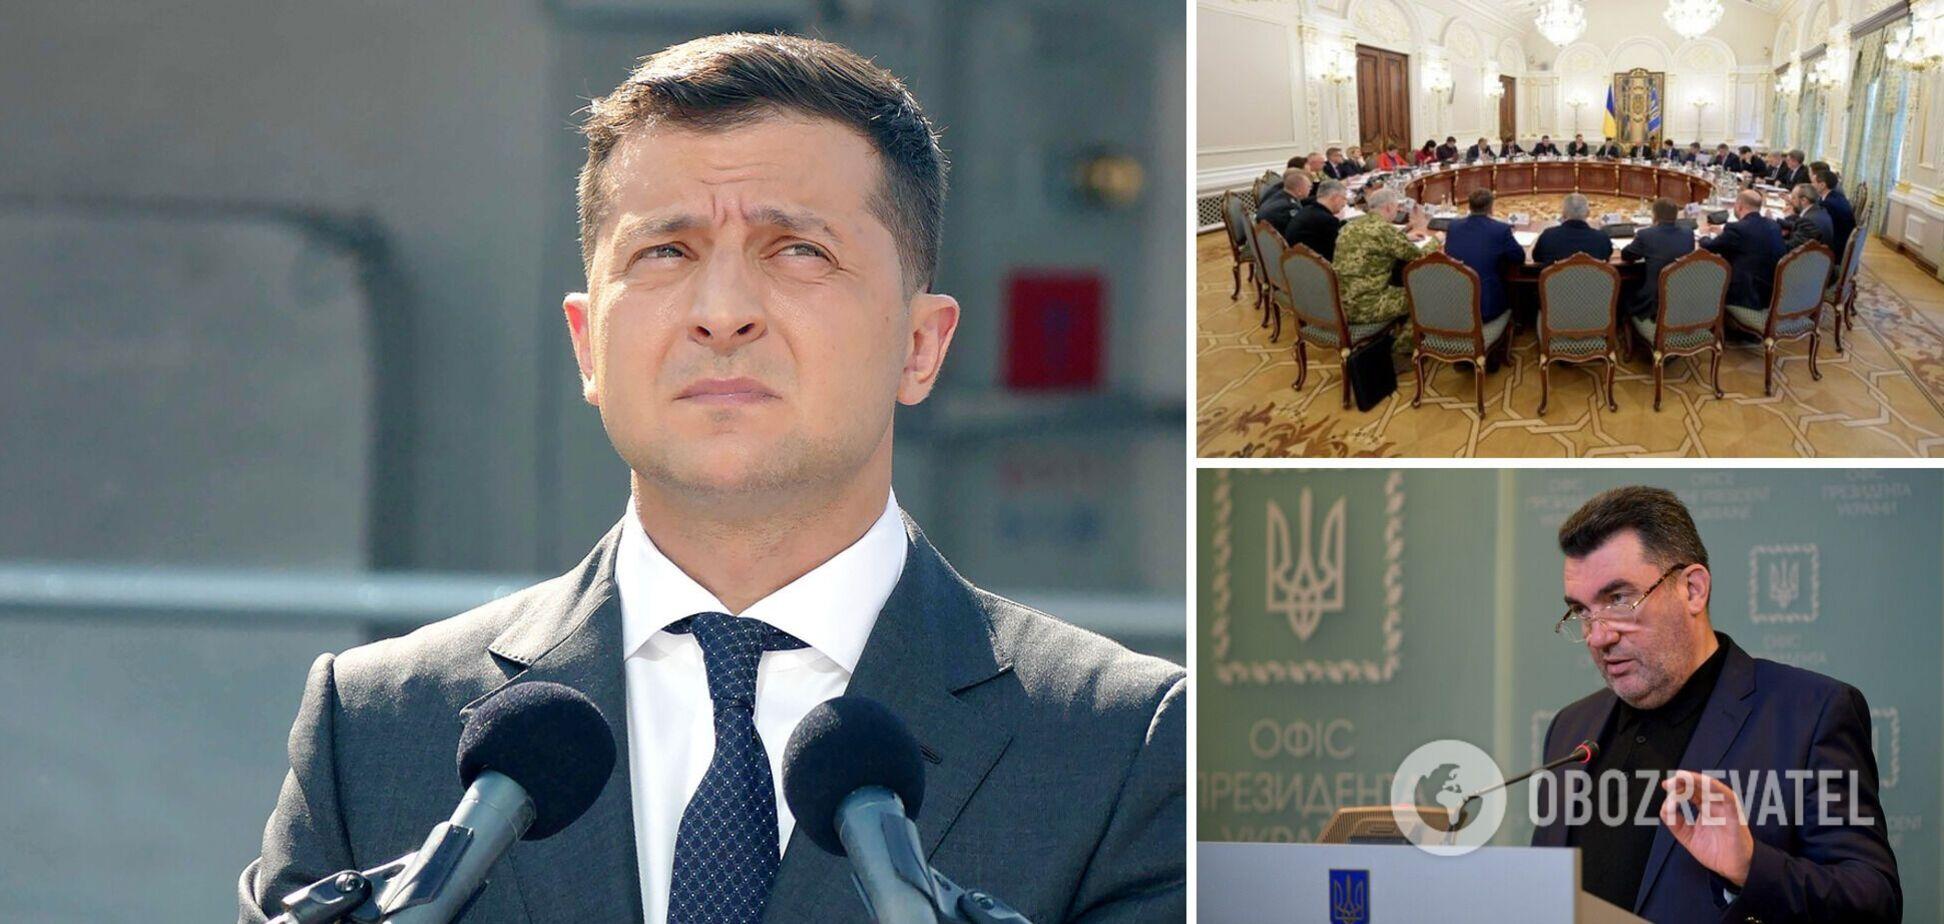 Зеленський і РНБО ввели санкції проти Медведчука та його дружини: Марченко зібралася в політику